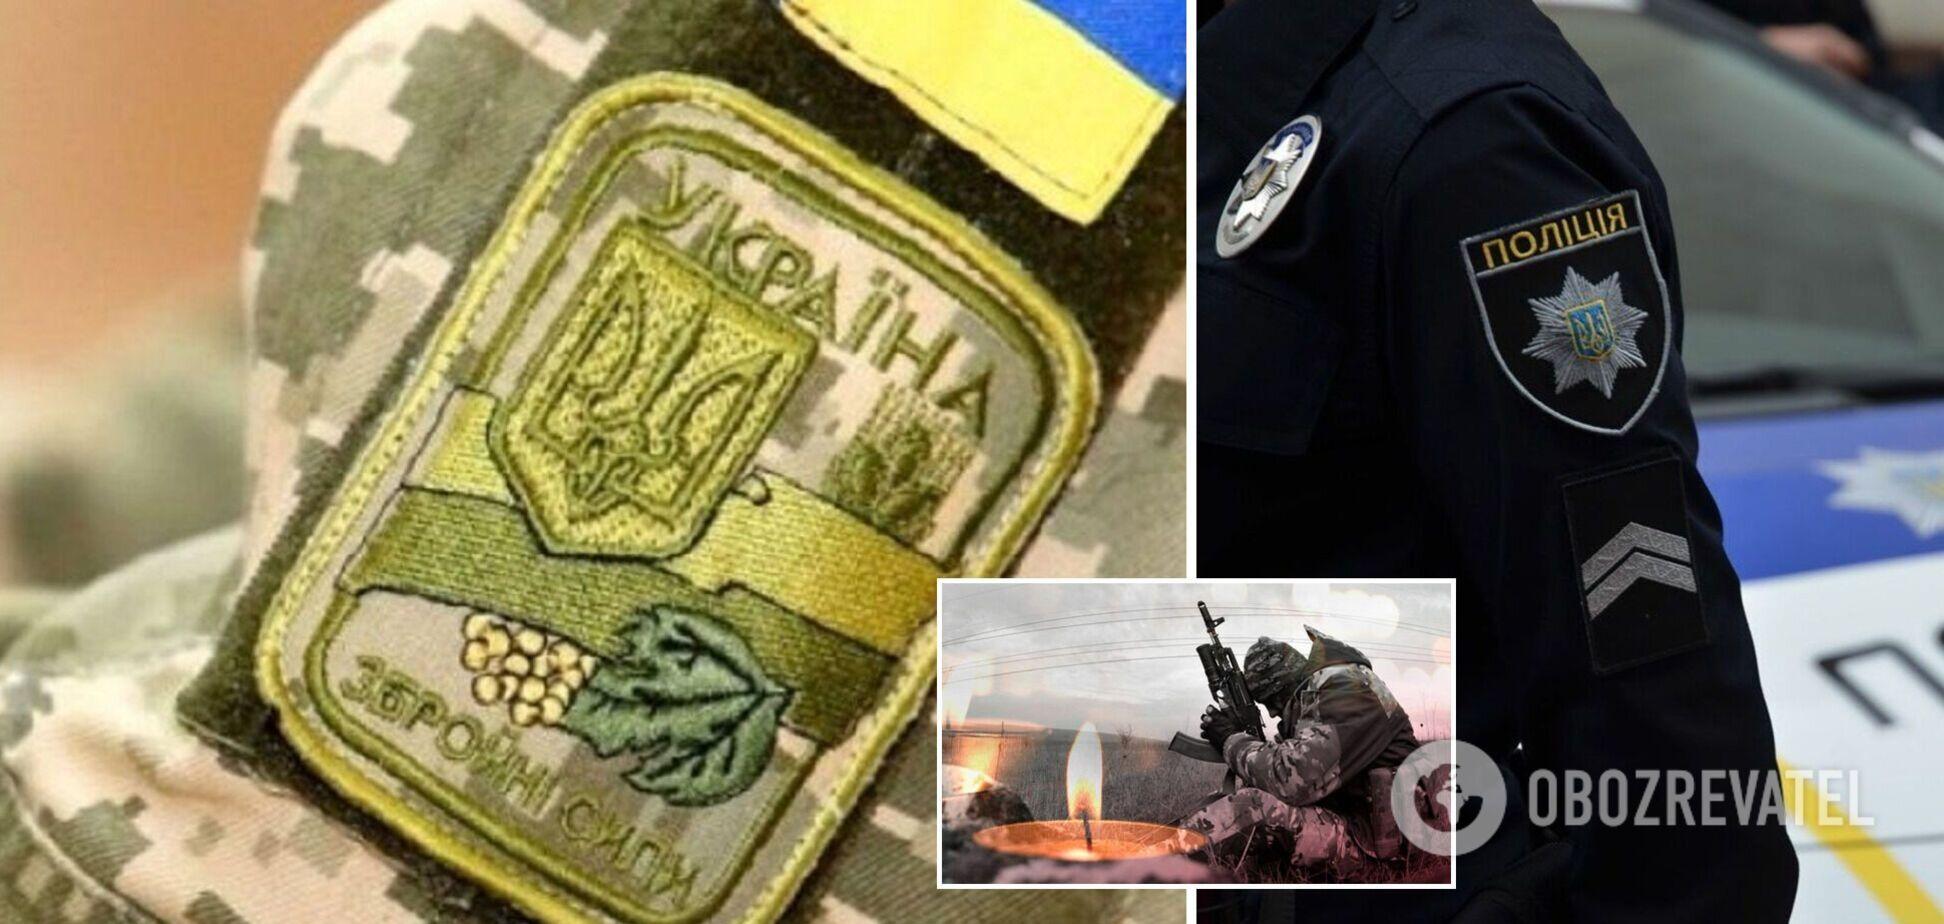 У мережі поширили відео із самогубством військовослужбовця ЗСУ на Донбасі. Кадри 18+